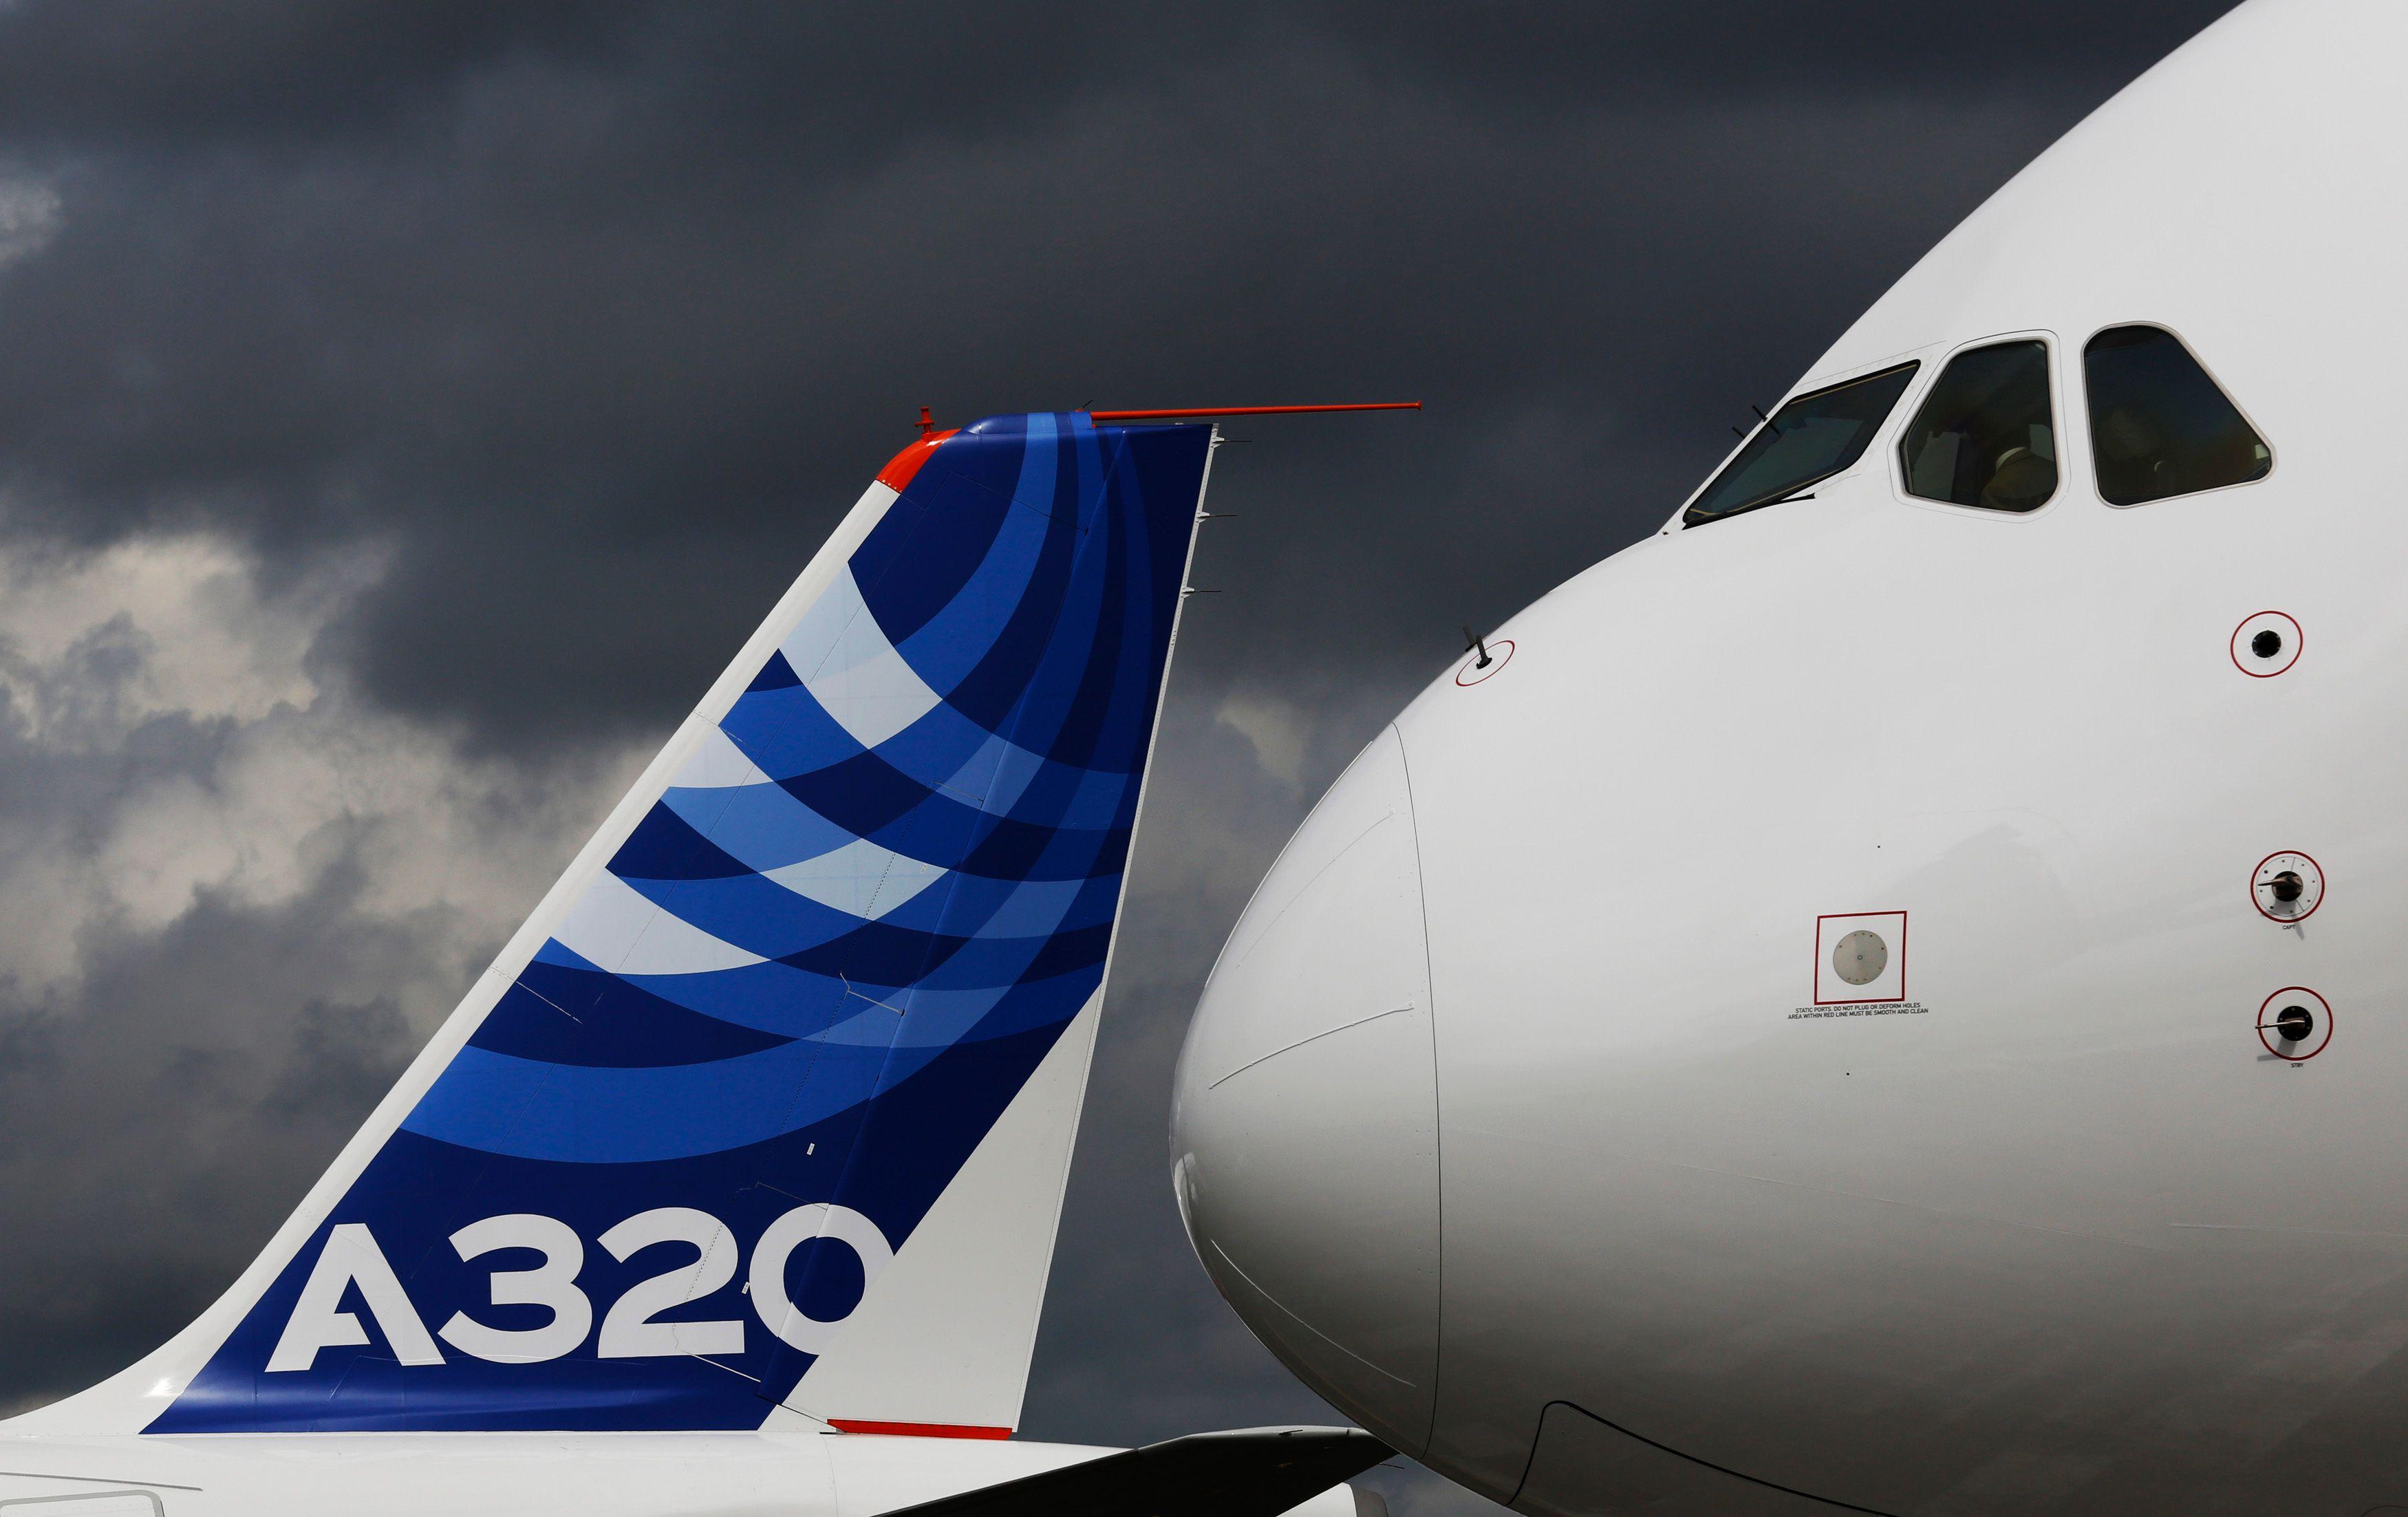 En 2011, IndiGo est devenu la première compagnie indienne à commander l'A320neo, avec un total de 280 appareils.